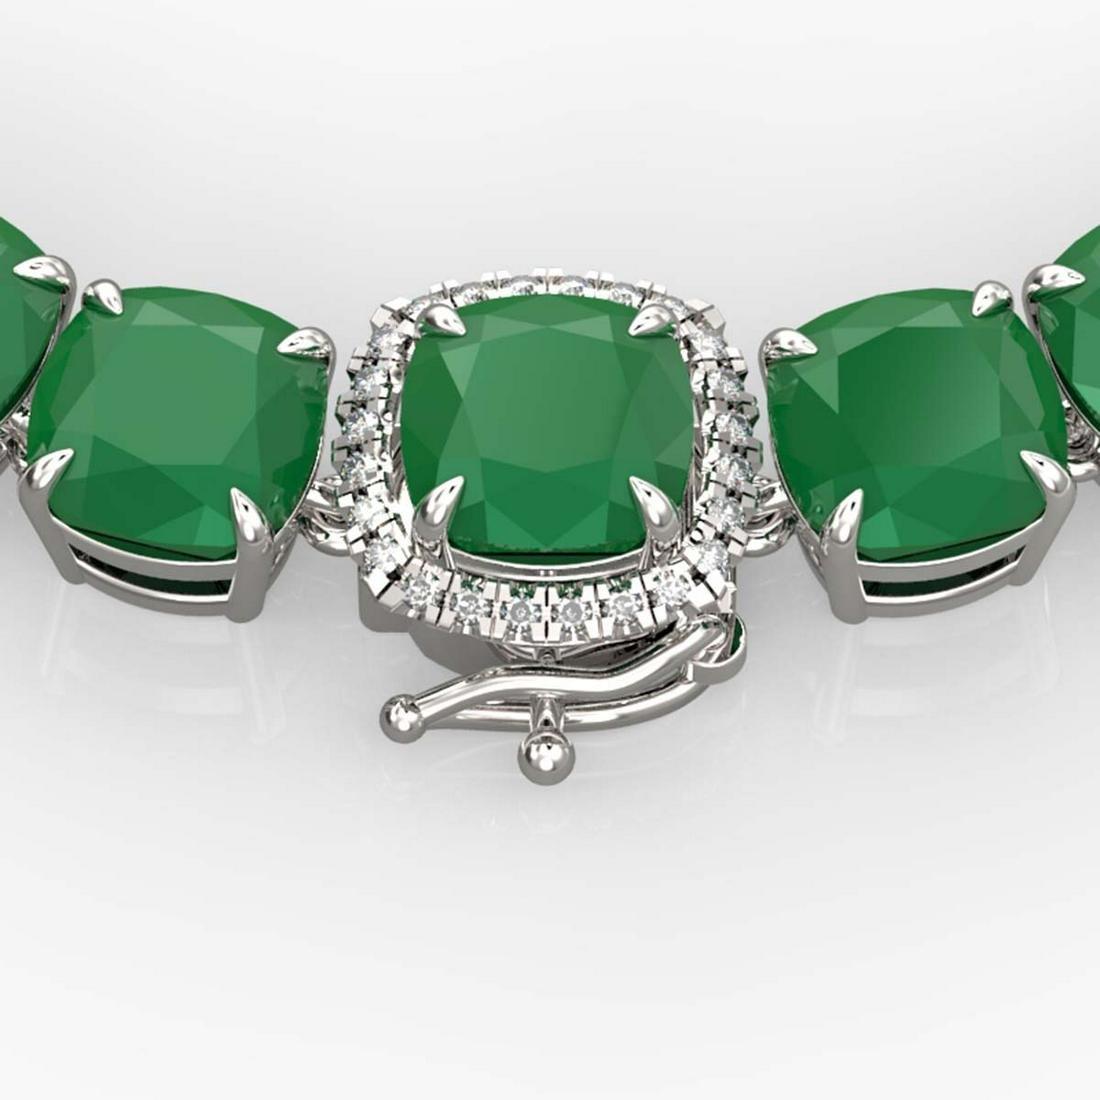 116 ctw Emerald & VS/SI Diamond Necklace 14K White Gold